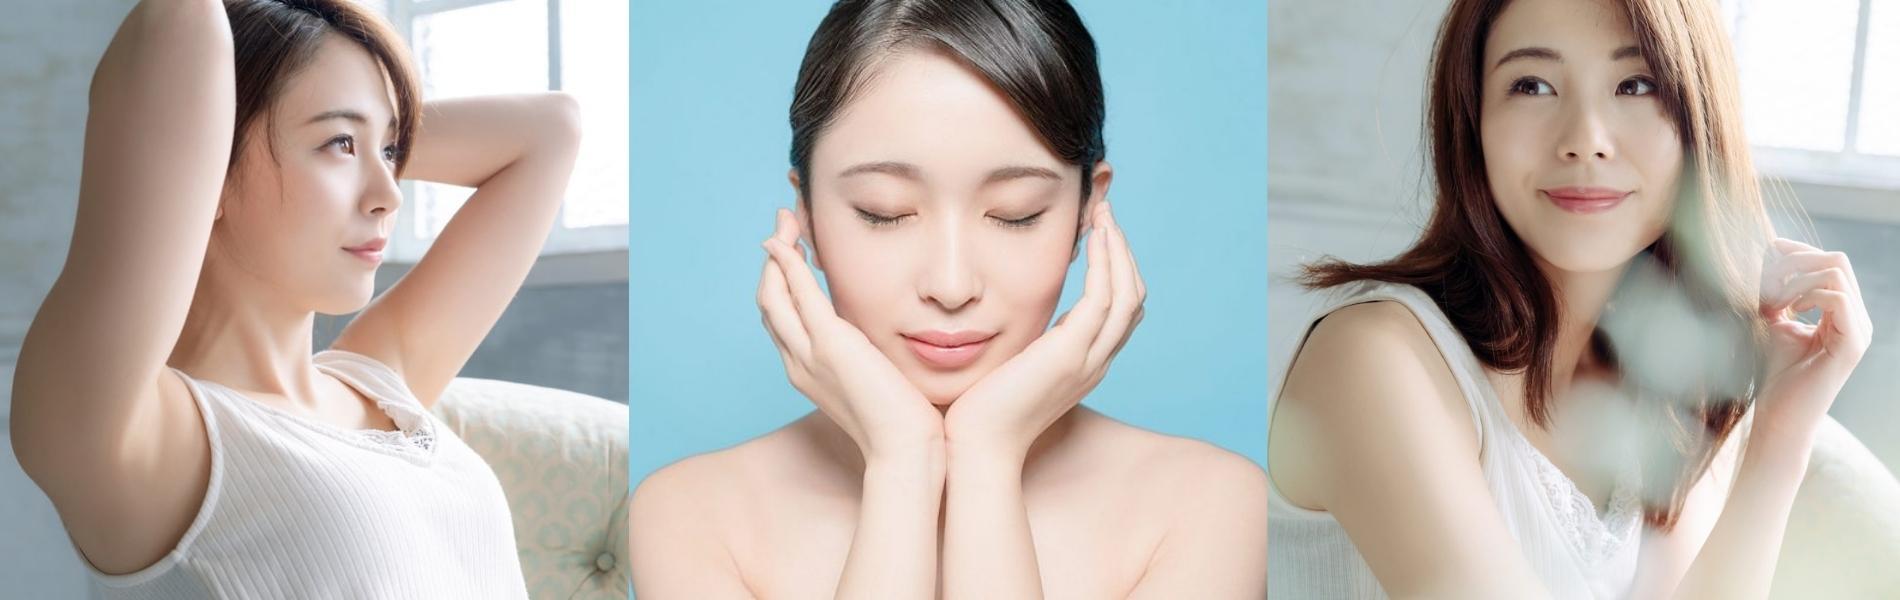 福岡市中央区天神の美容外科・美容皮膚科 トータルスキンクリニック